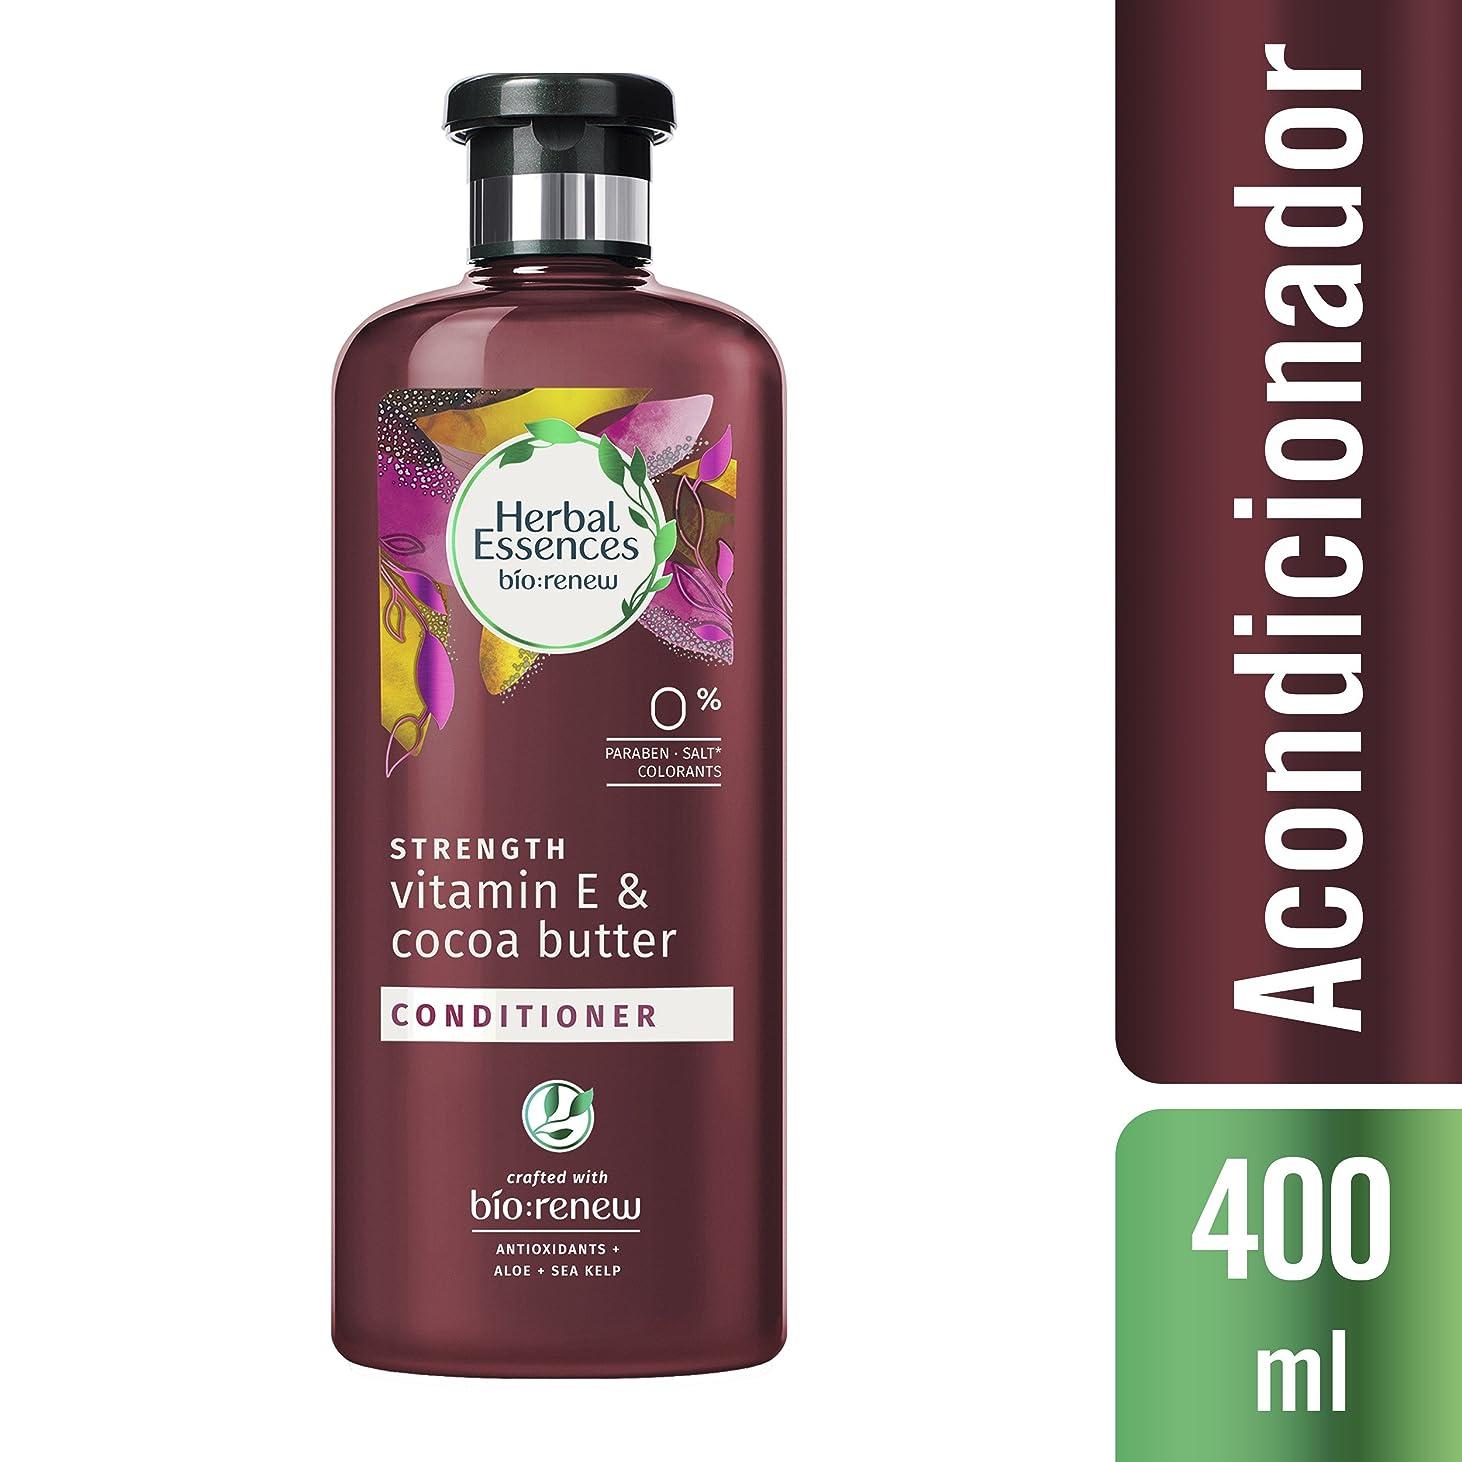 カップ単語クレーターハーバルエッセンス ビオリニュー 髪を補強して美髪へ ビタミンE&ココアバター コンディショナー